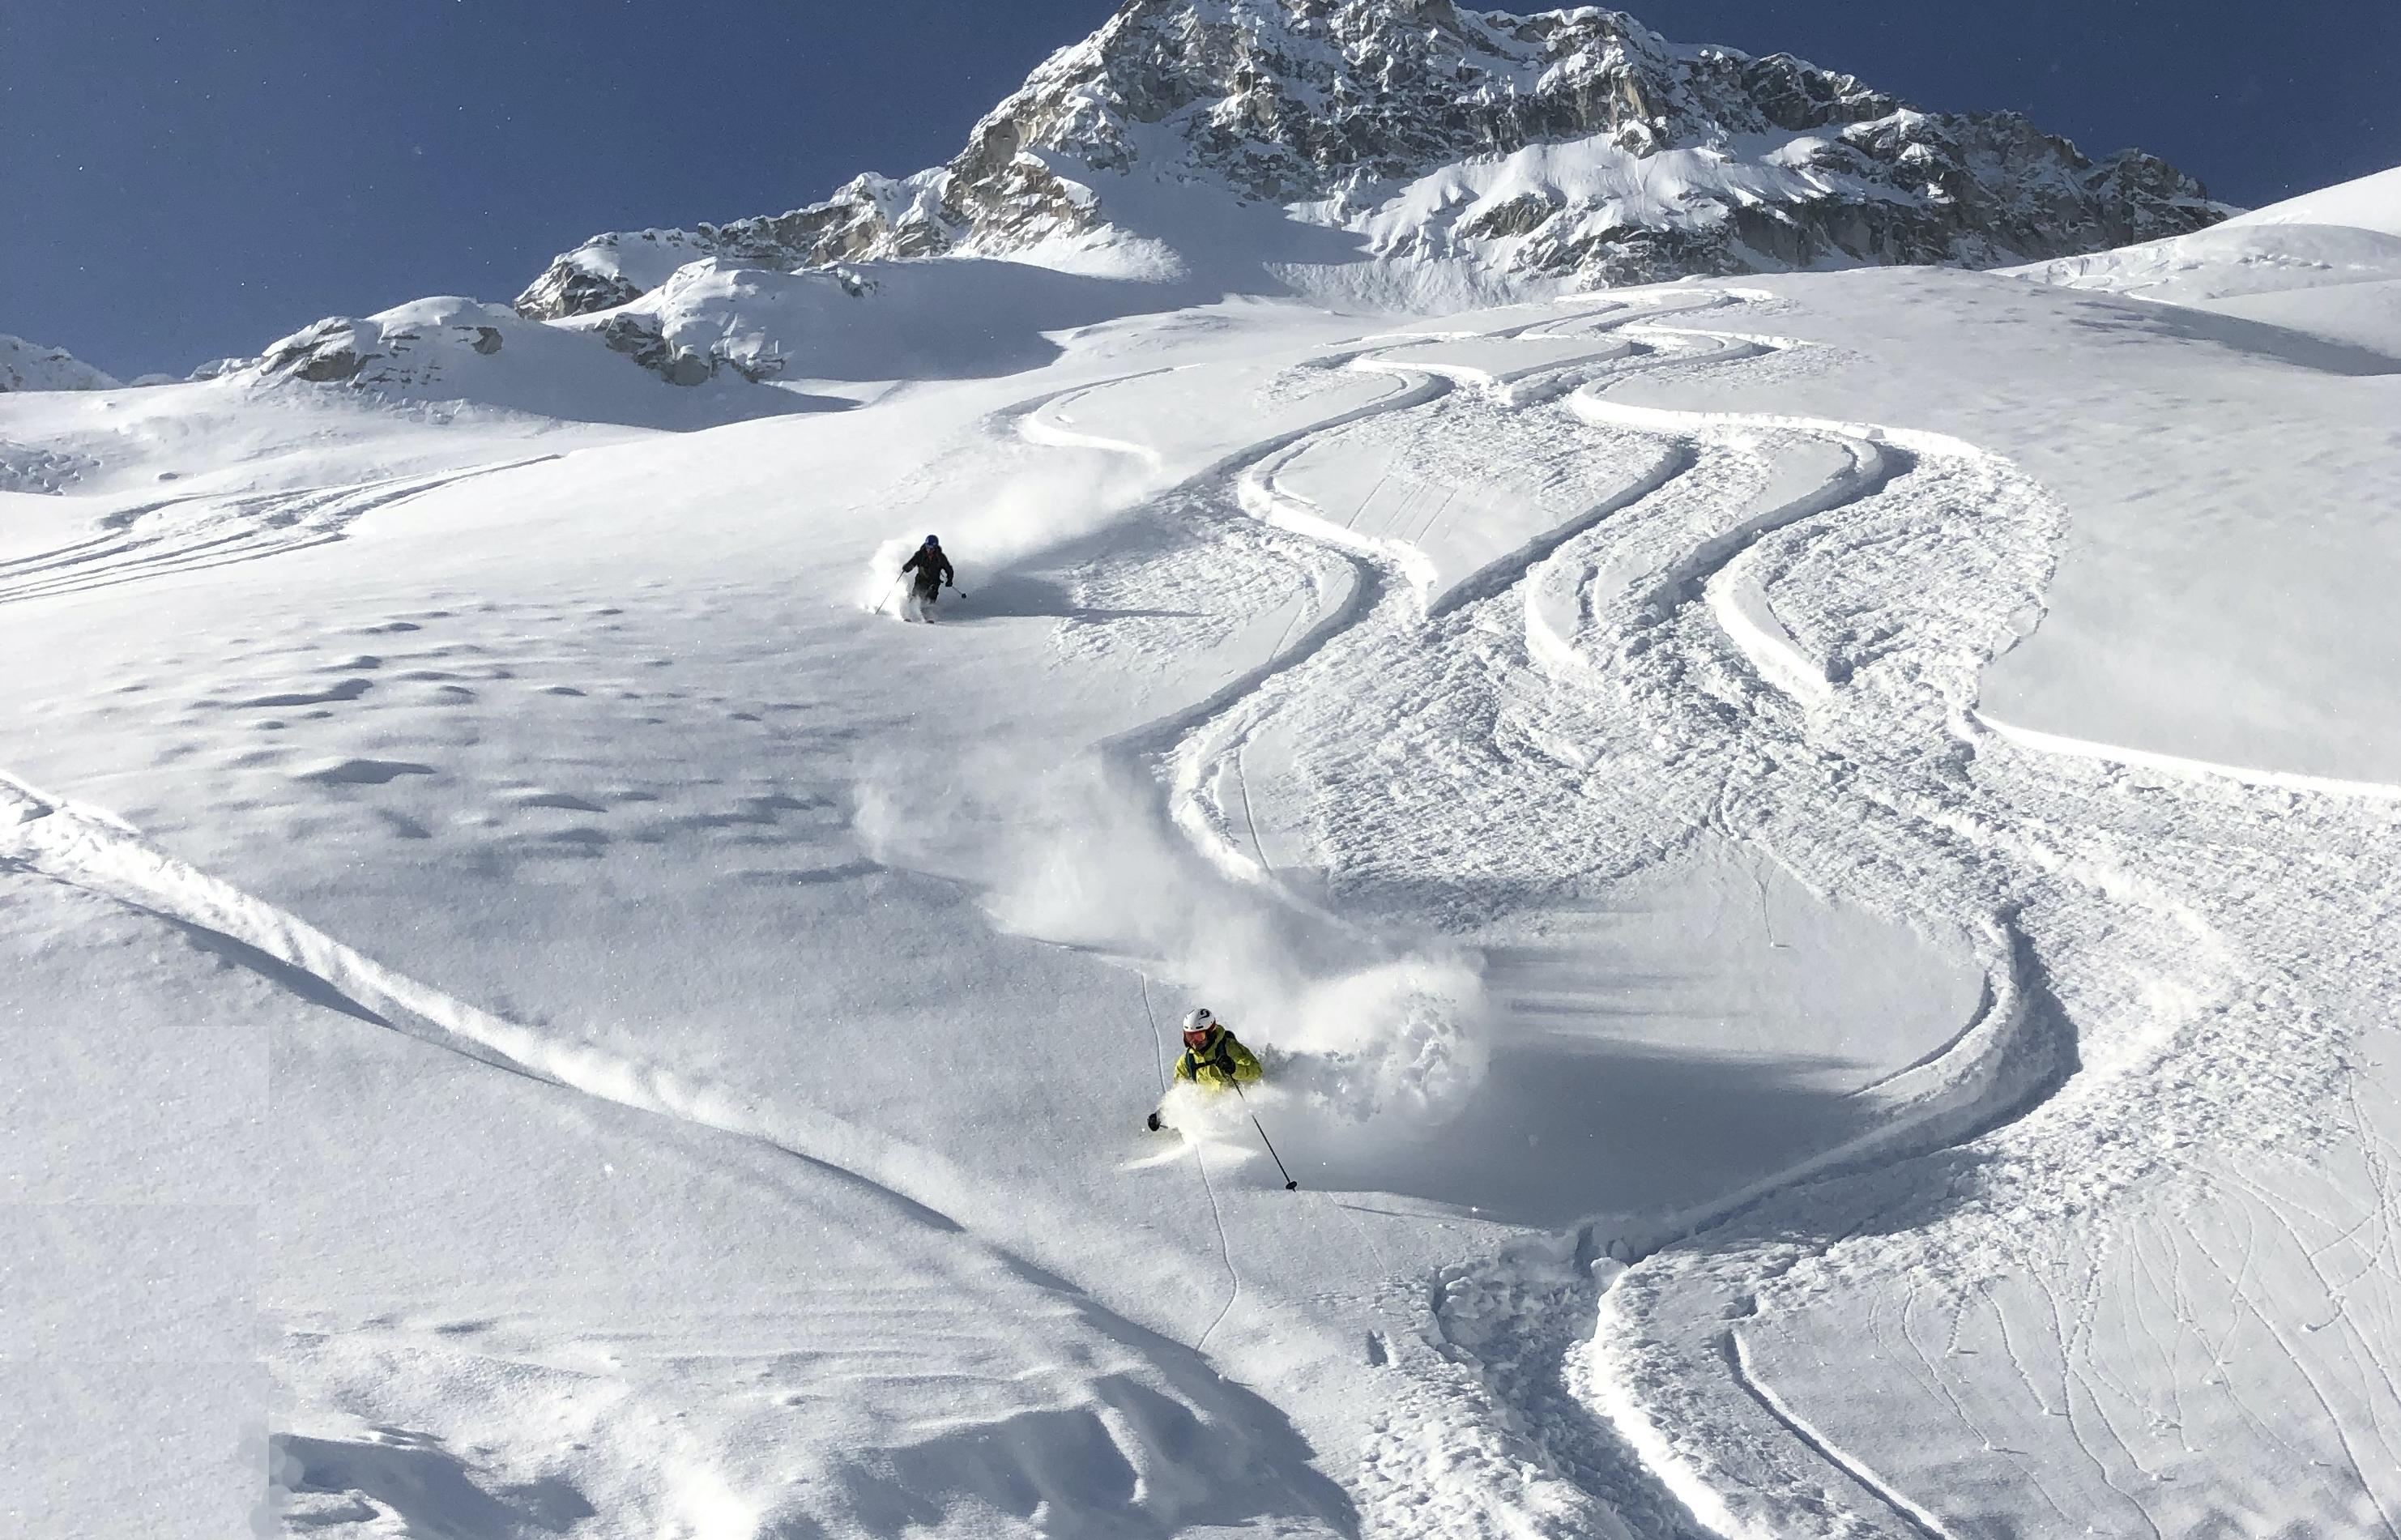 Whistler and Blackcomb Backcountry Skiing